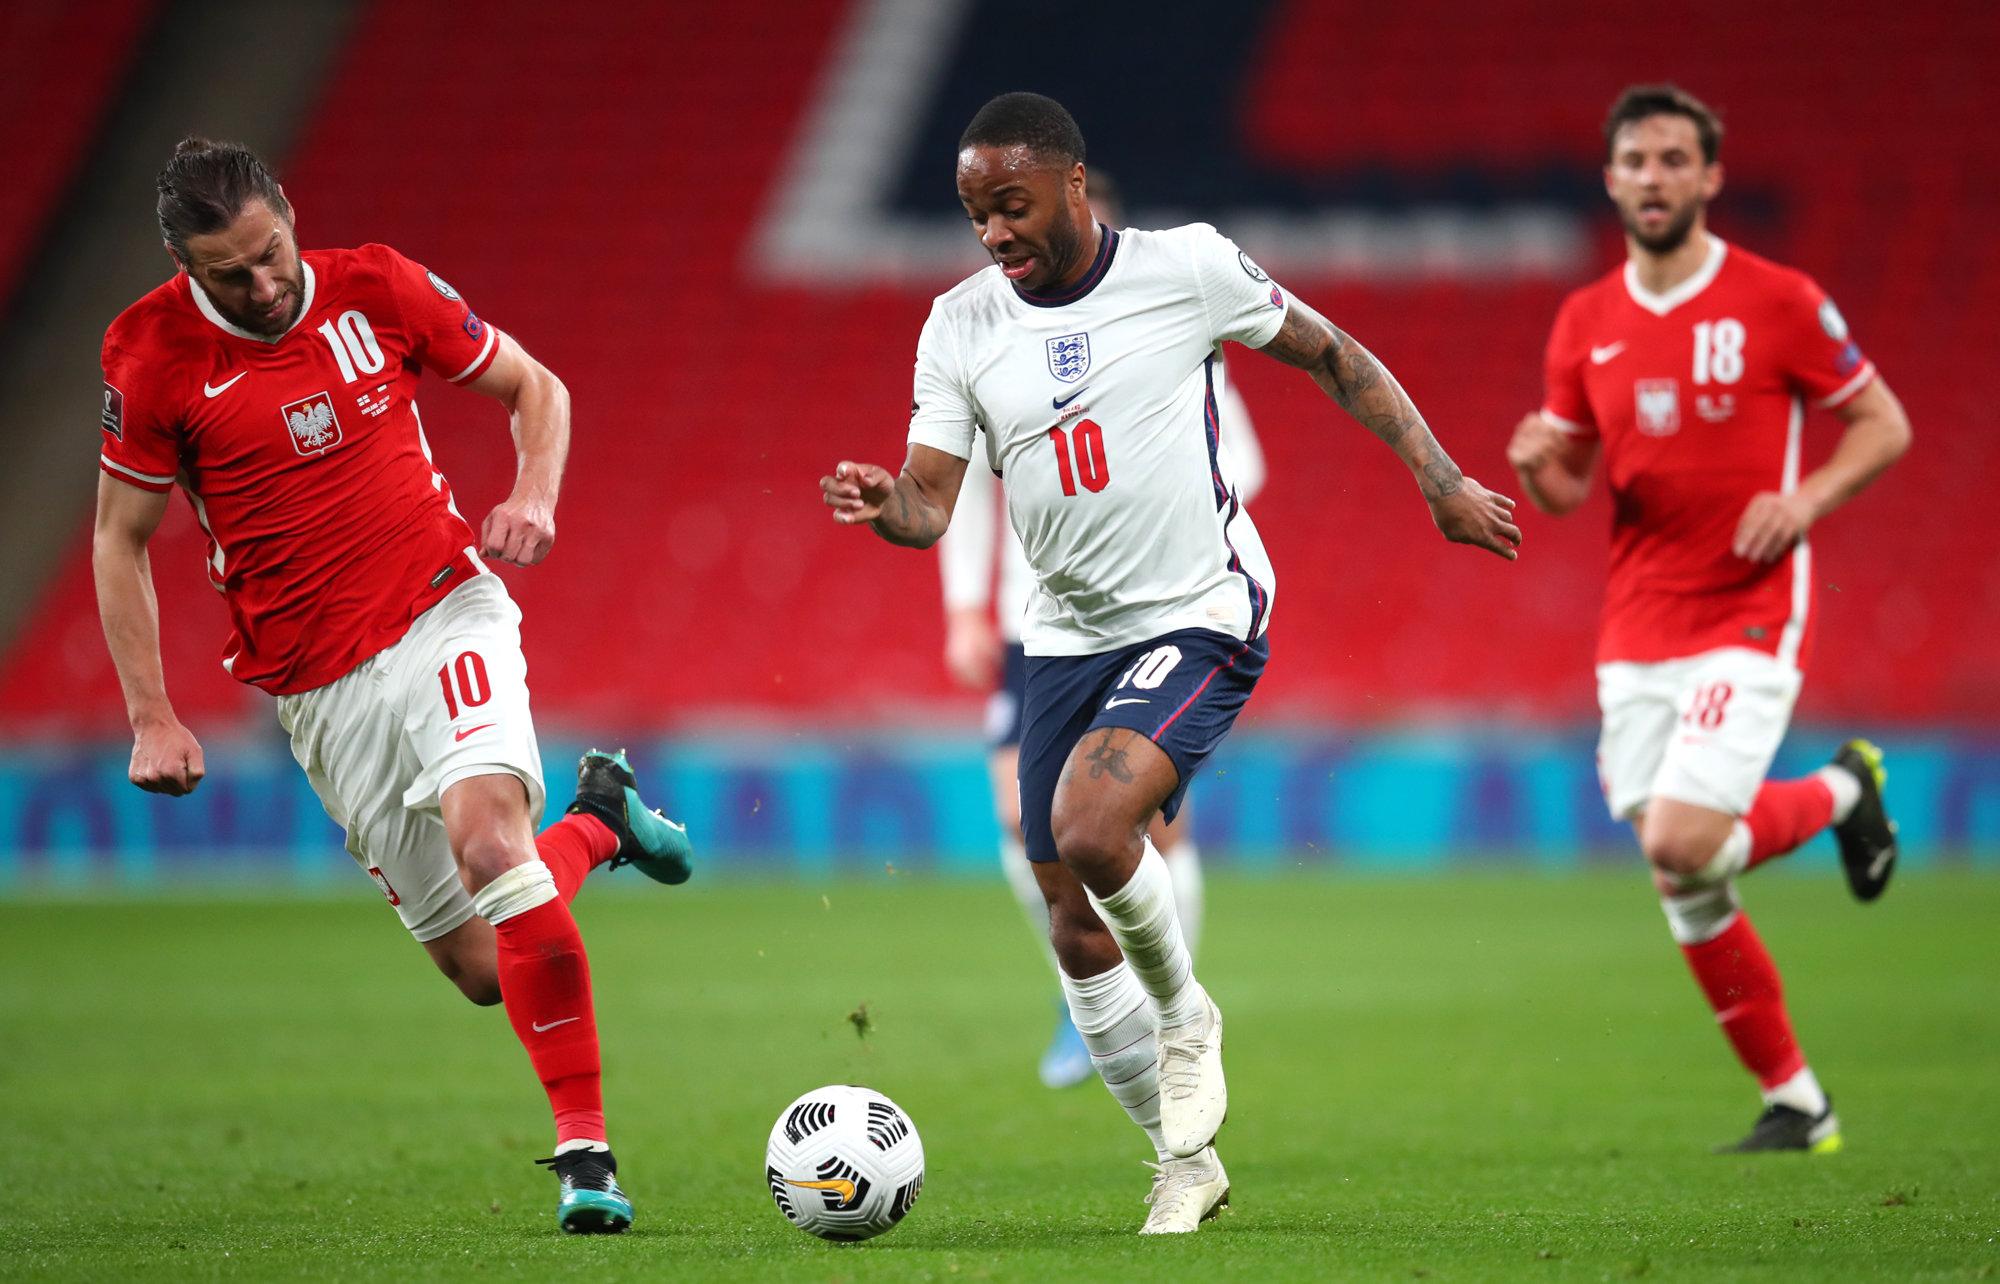 Stuart Pearce Backs Raheem Sterling To Start For England Against Croatia